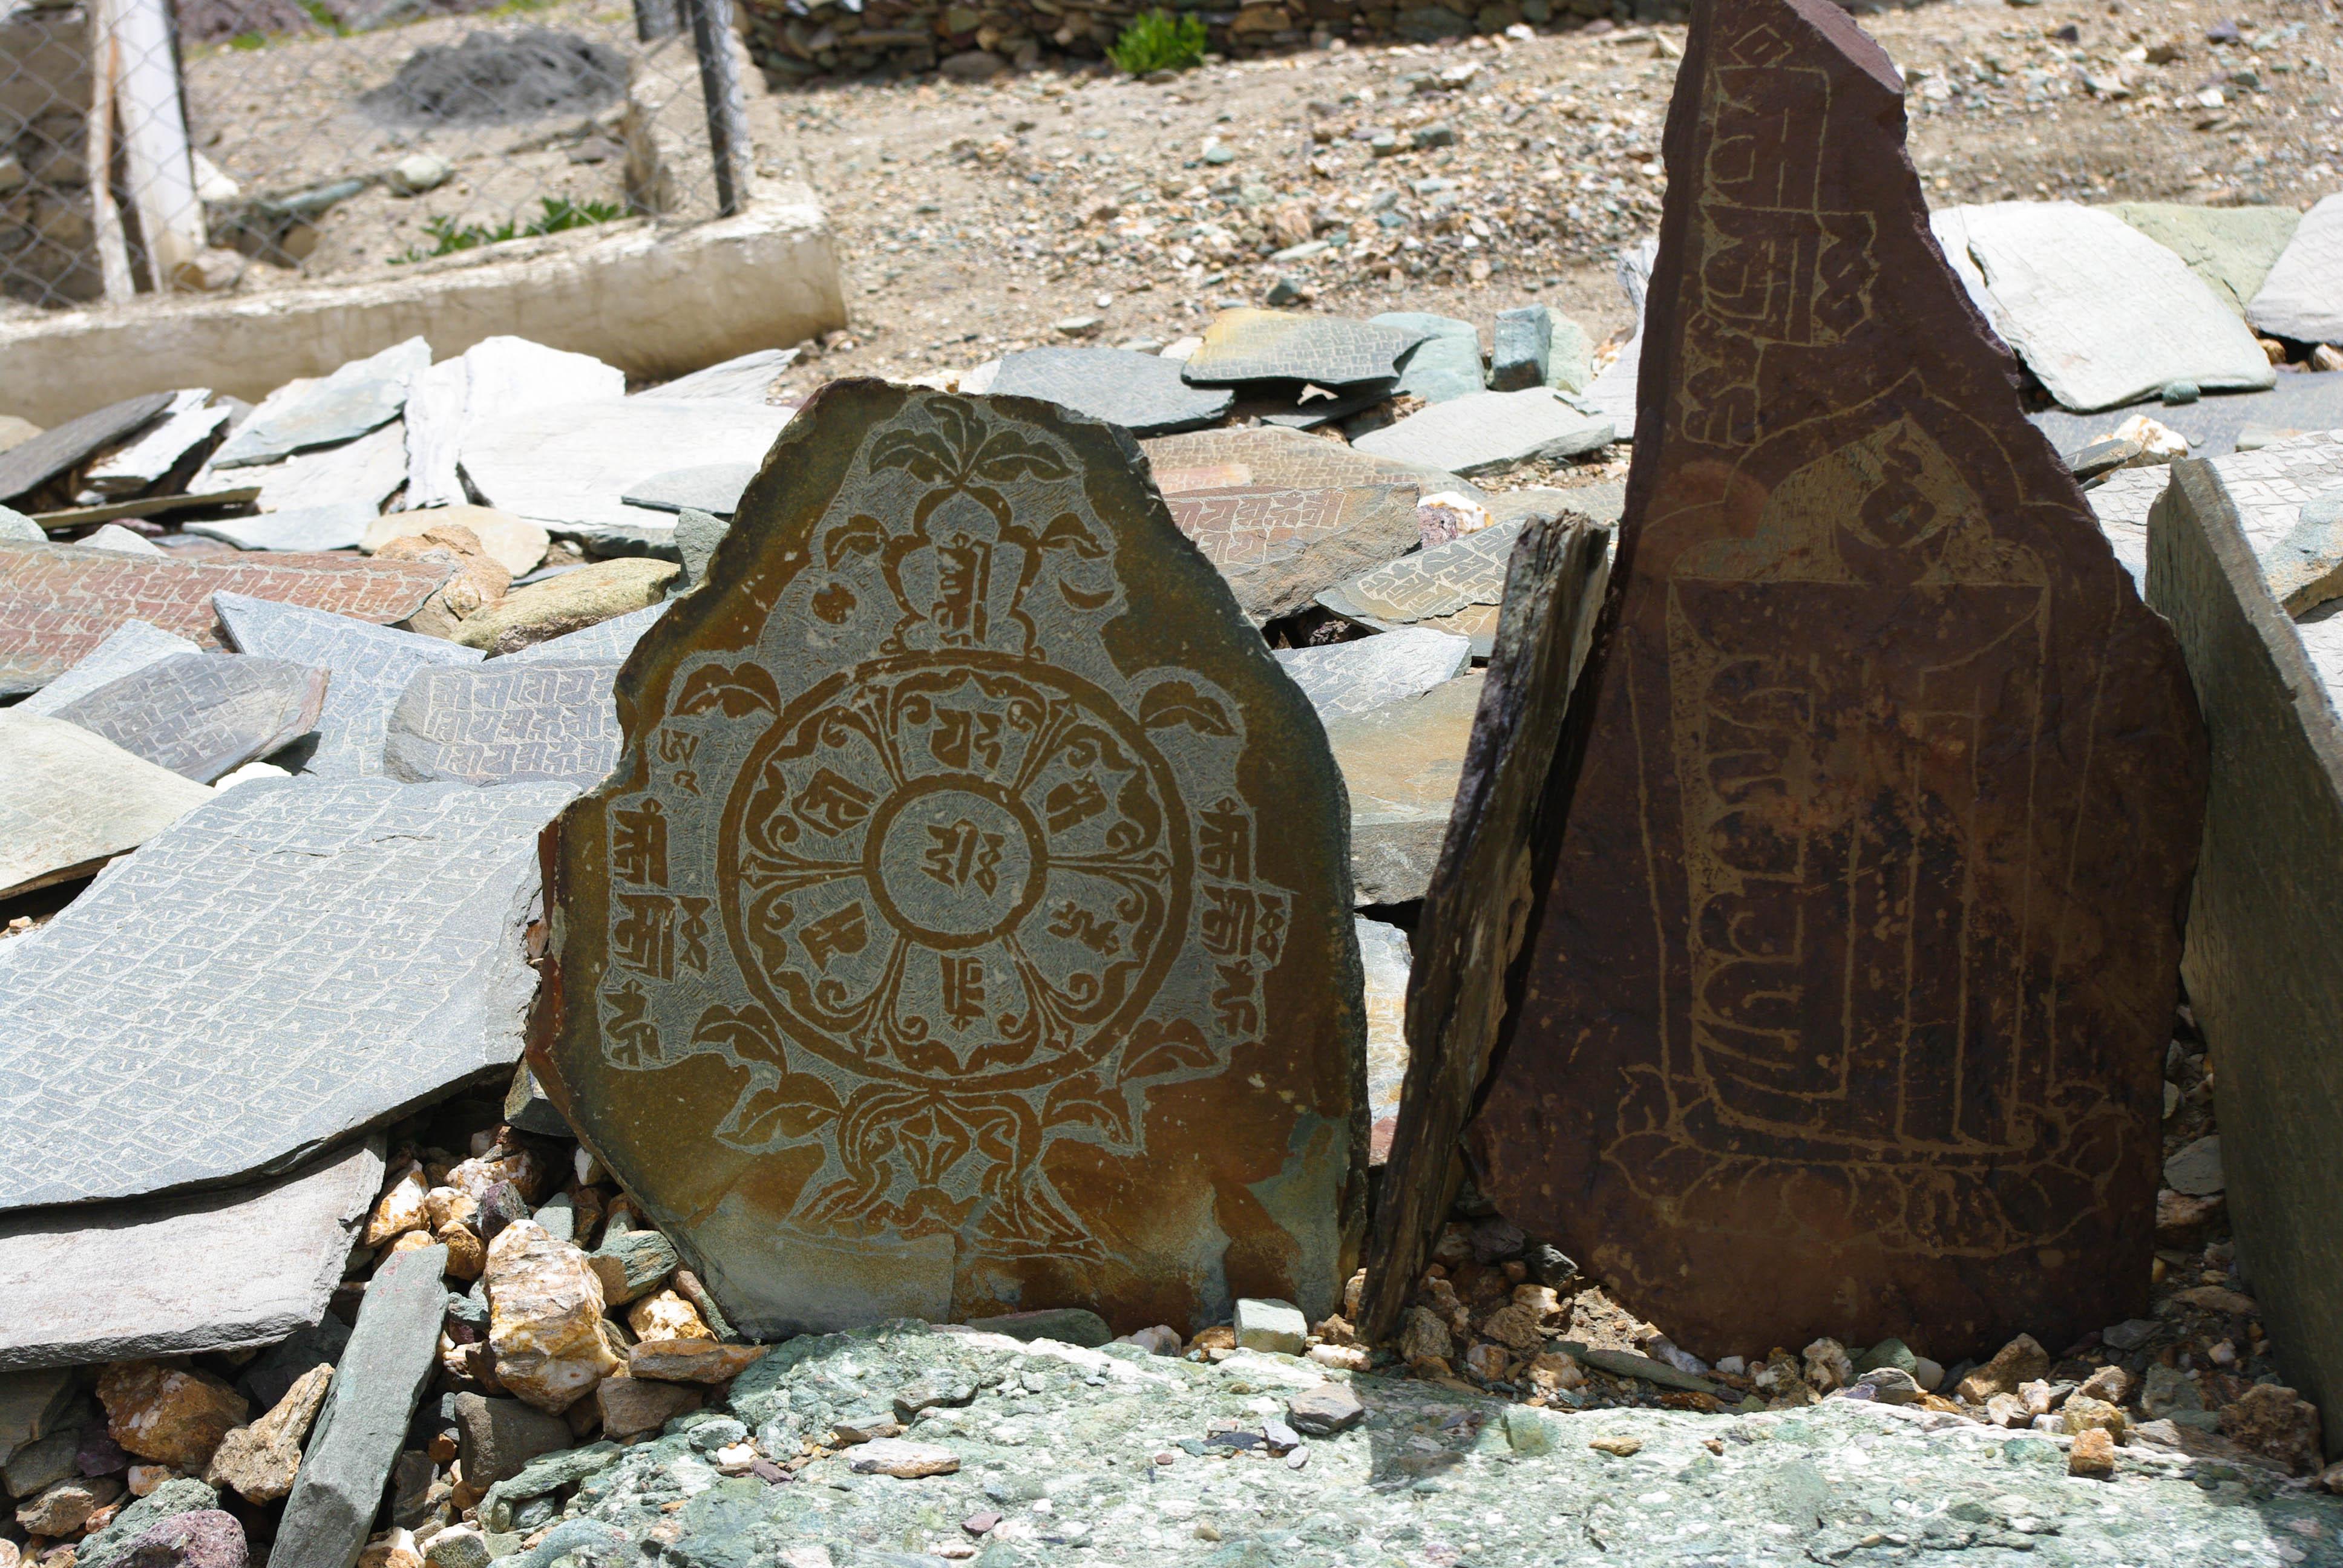 Надписи на камнях в Гималаях